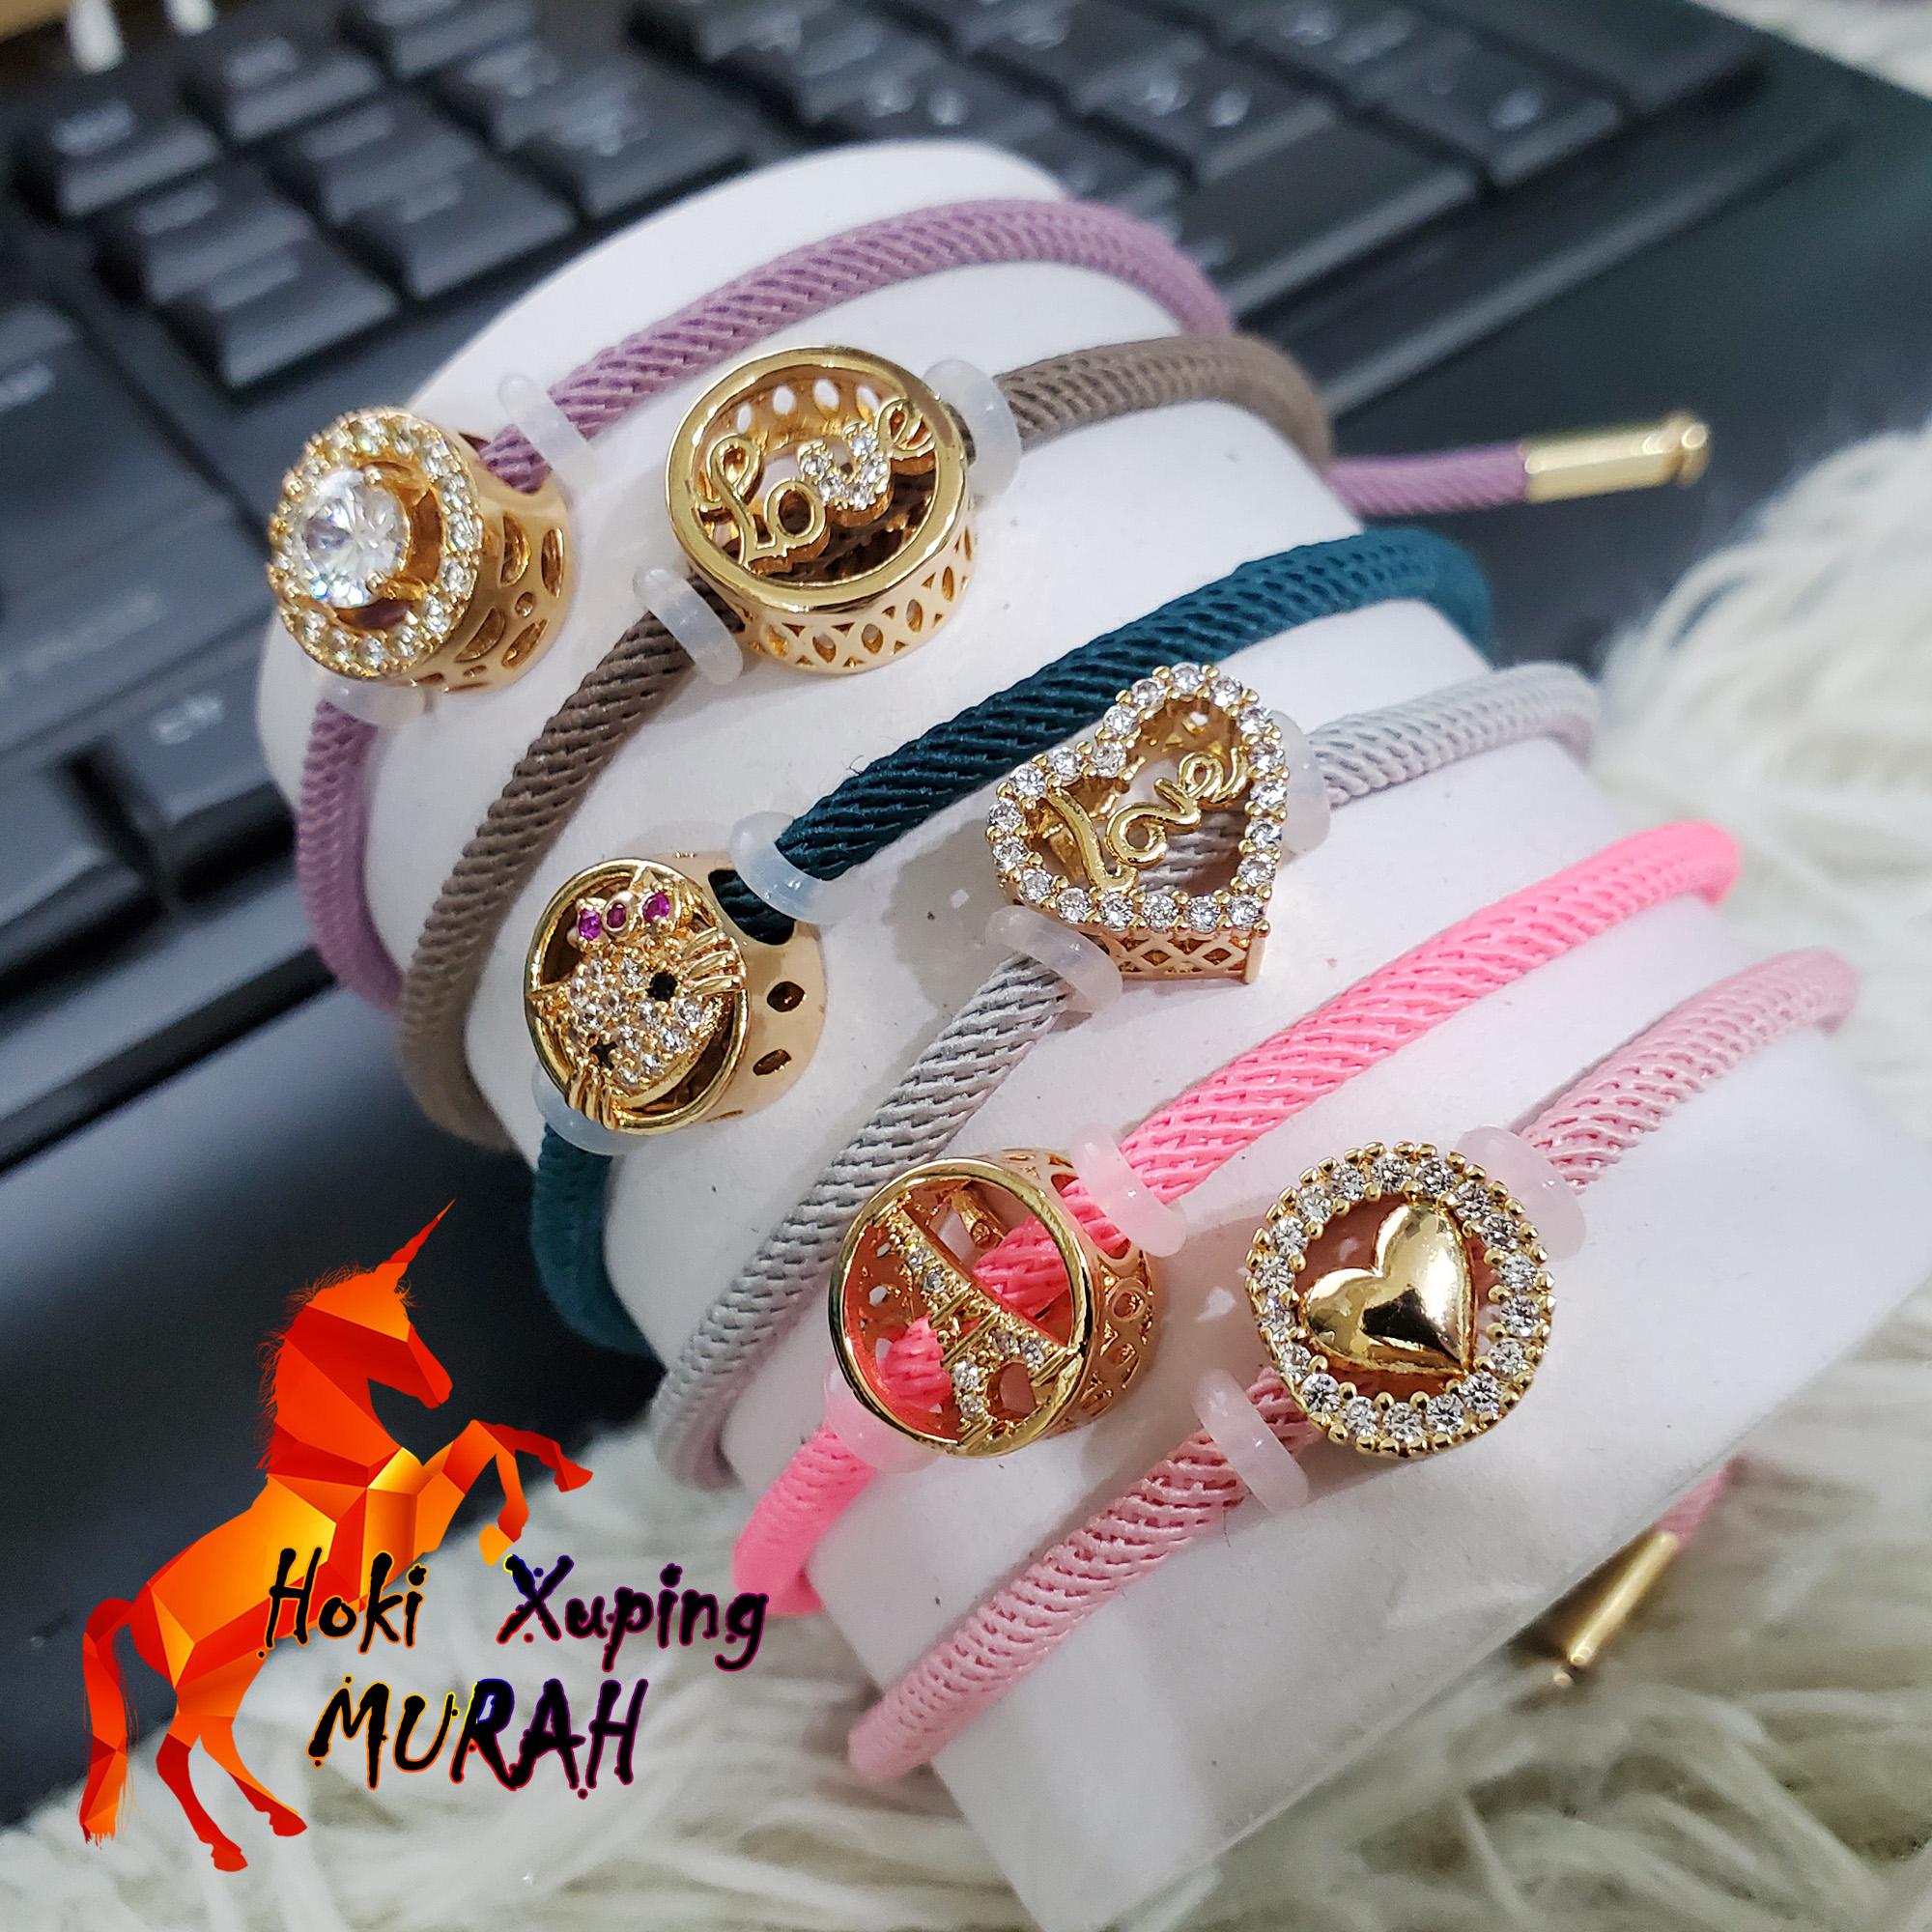 hoki xuping – gelang tangan pandoran motif liontn nyalucu xuping gold perhiasan wanita